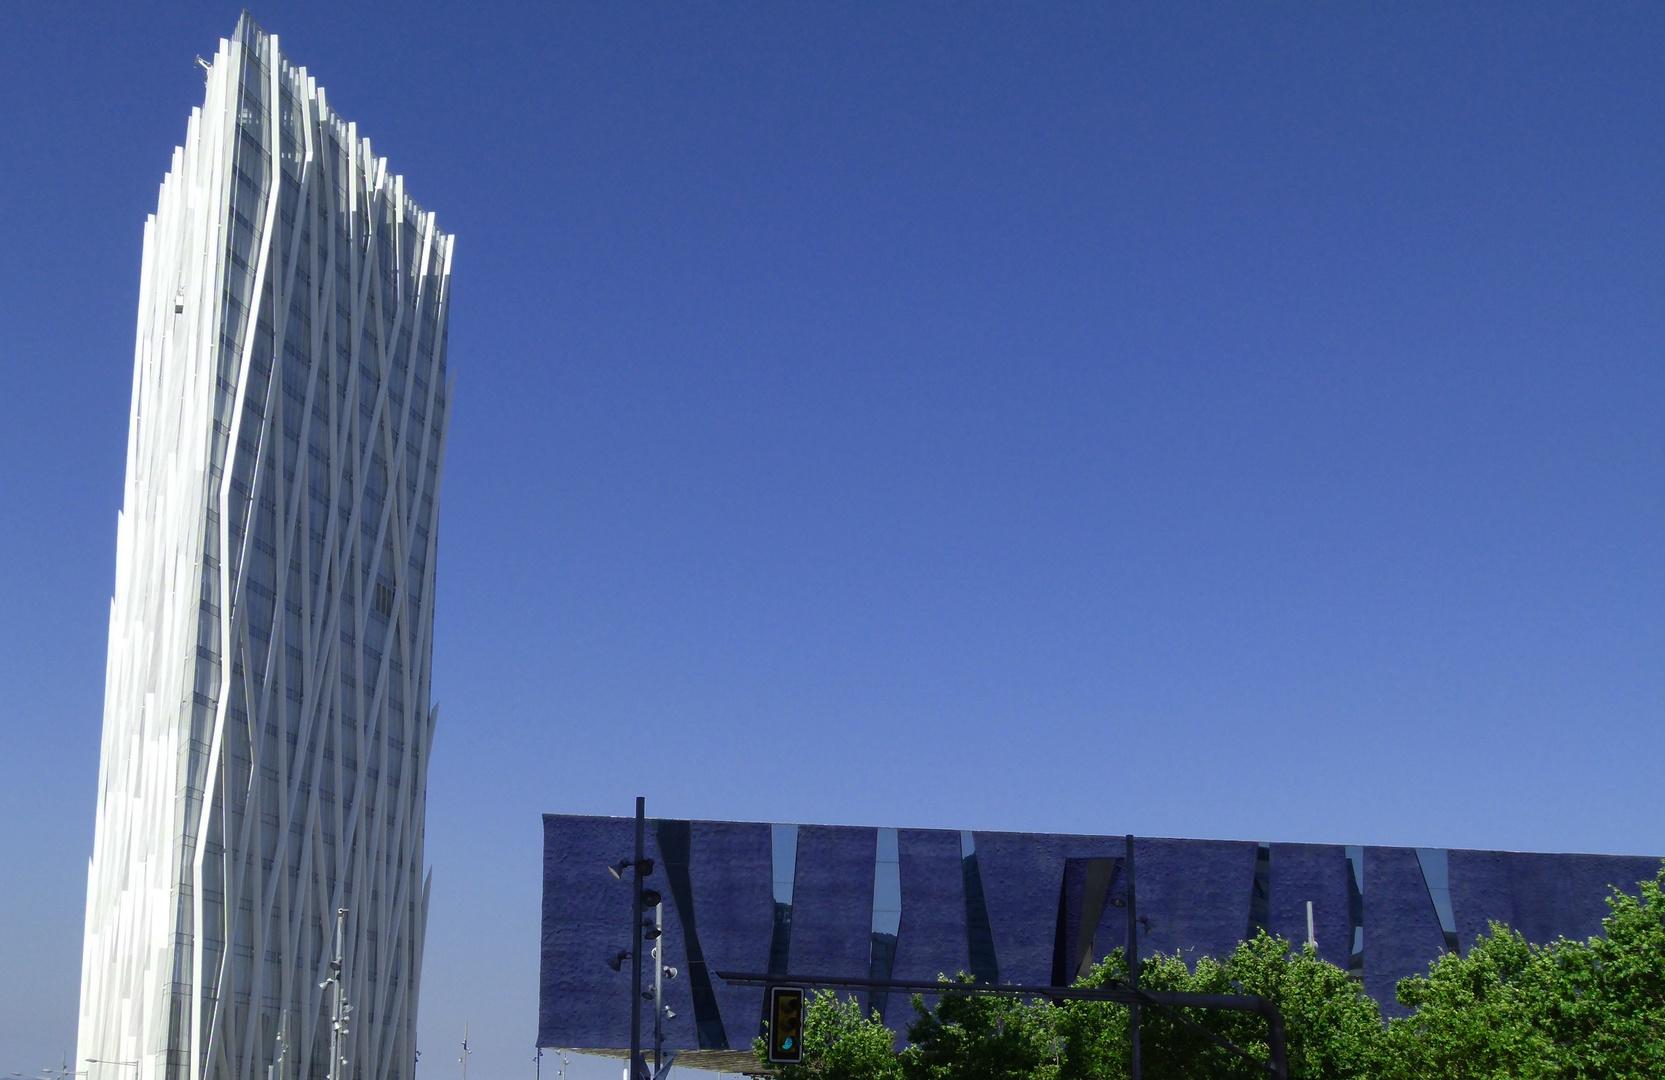 Hoch- und Querhaus in Barcelona :-)